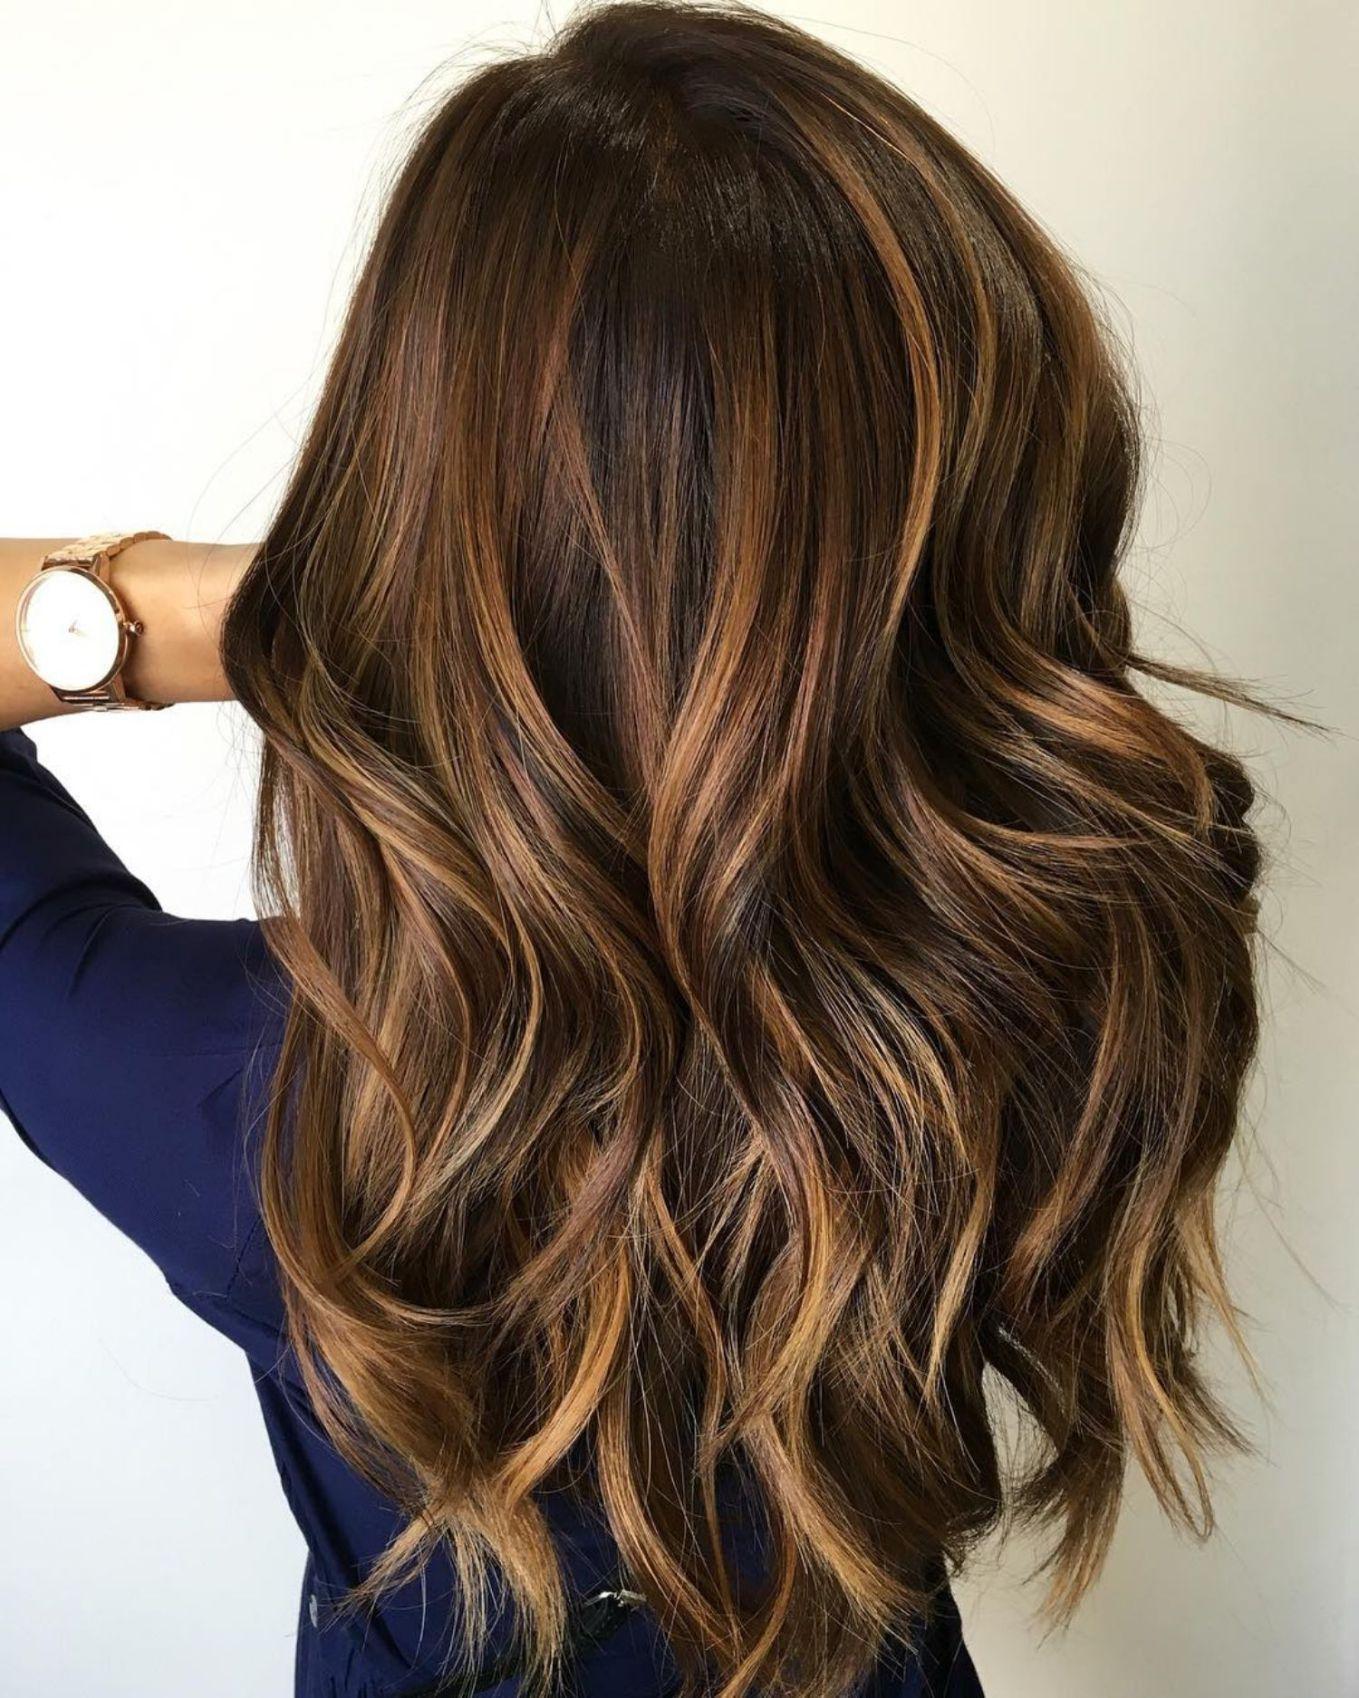 100 caramel highlights ideas for all hair colors - HD1024×1280